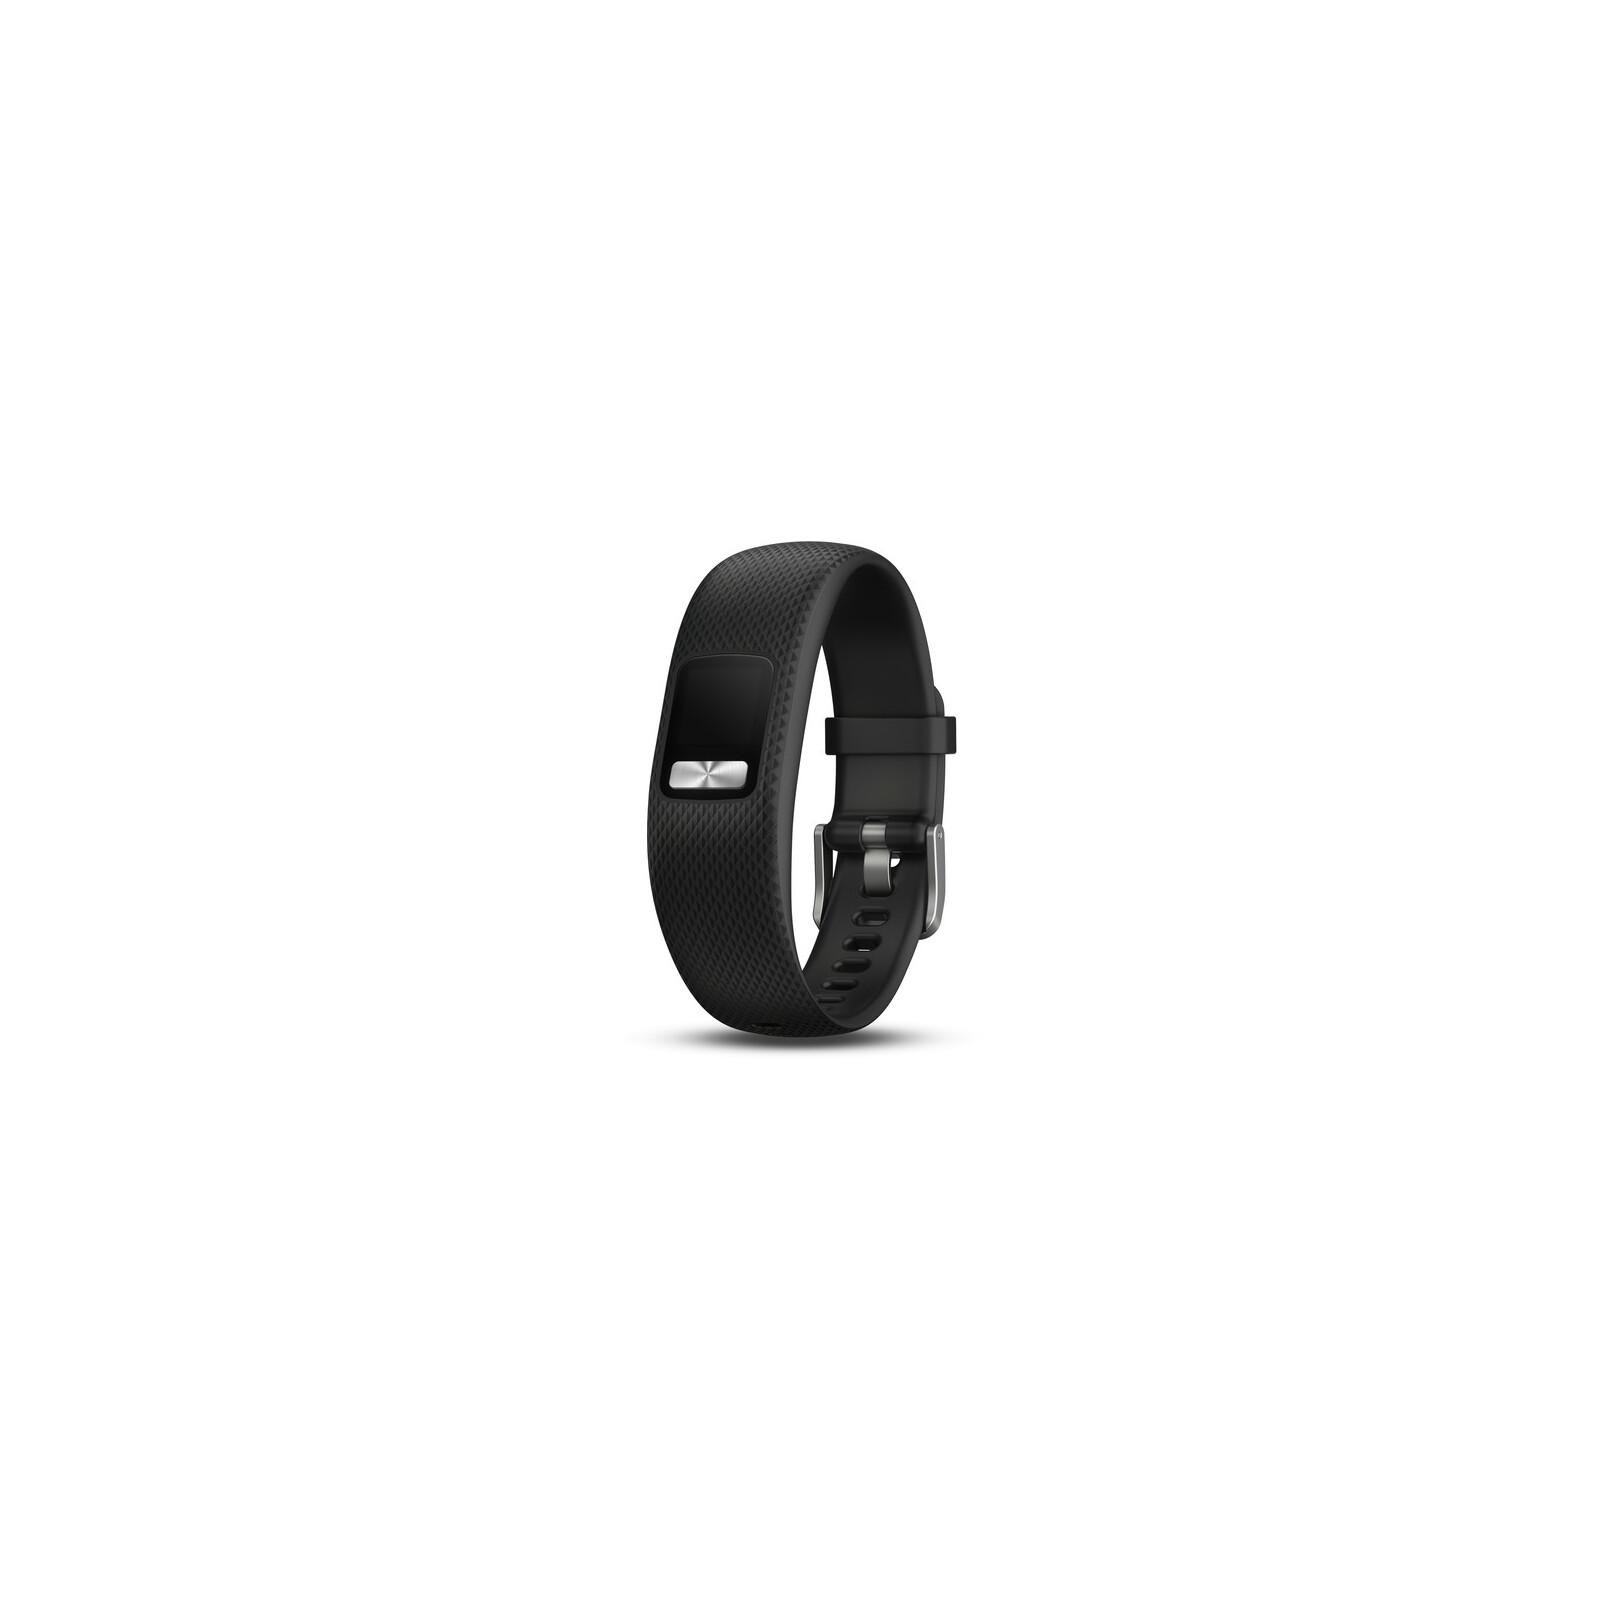 Garmin Vivofit 4 Band S/M schwarz